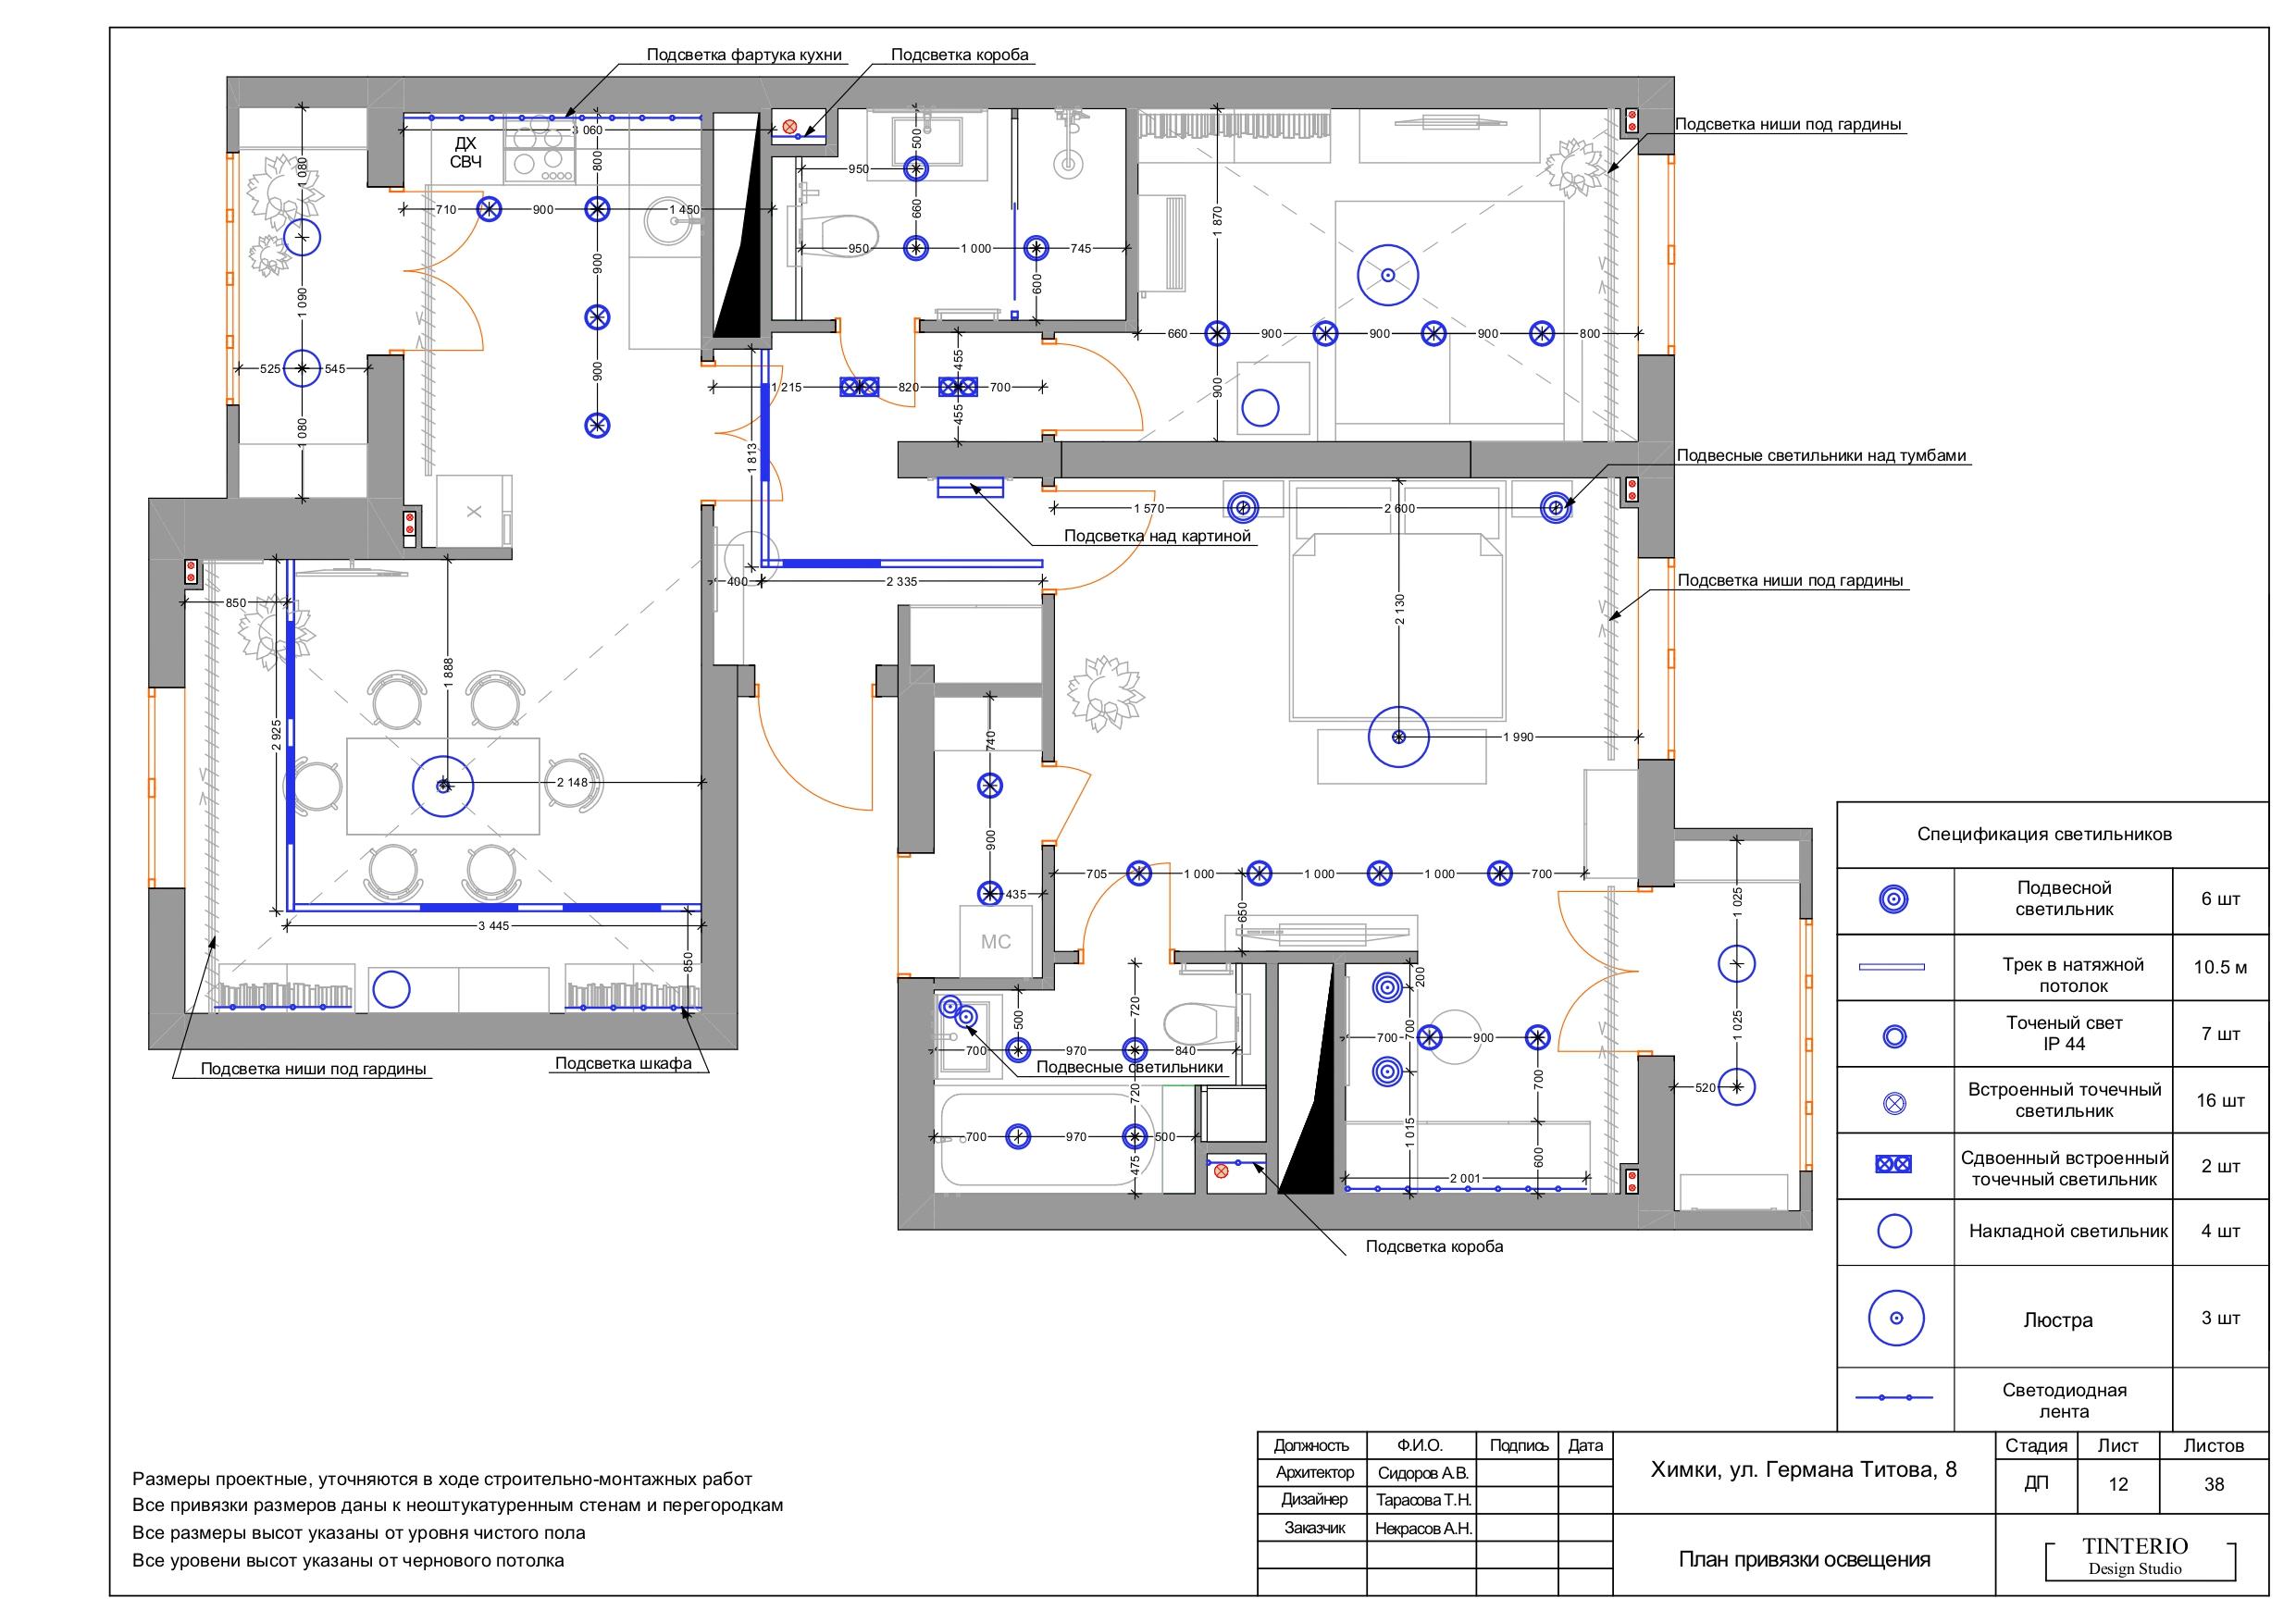 Пример проекта_page-0013